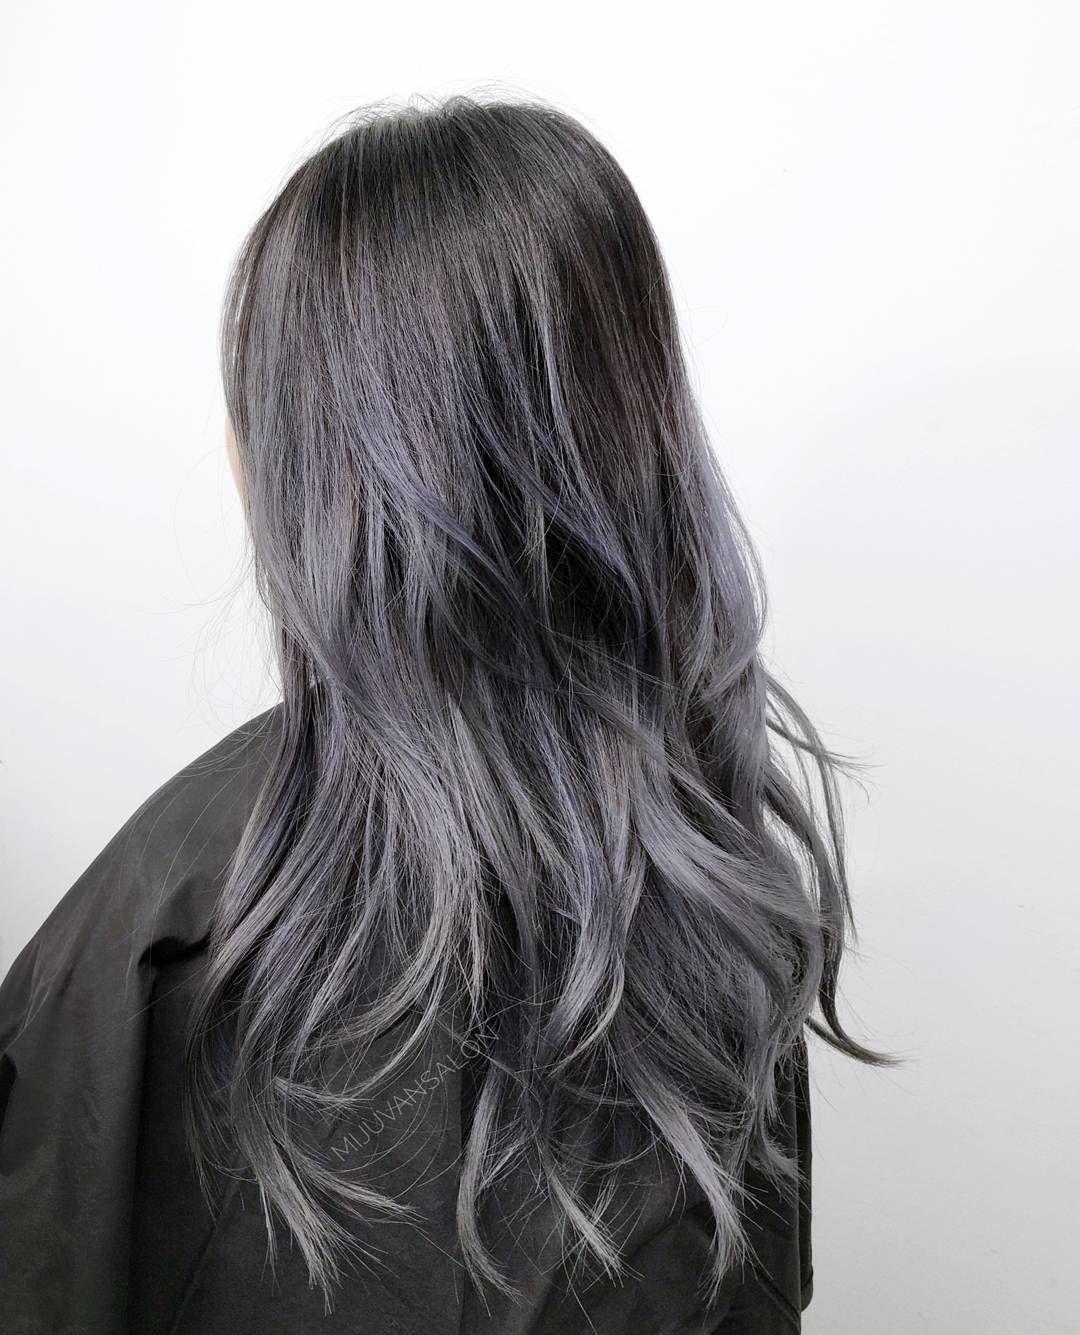 Ash Violet Ombre Miju Van Salon La Hair Violet Ombre Hair Styles